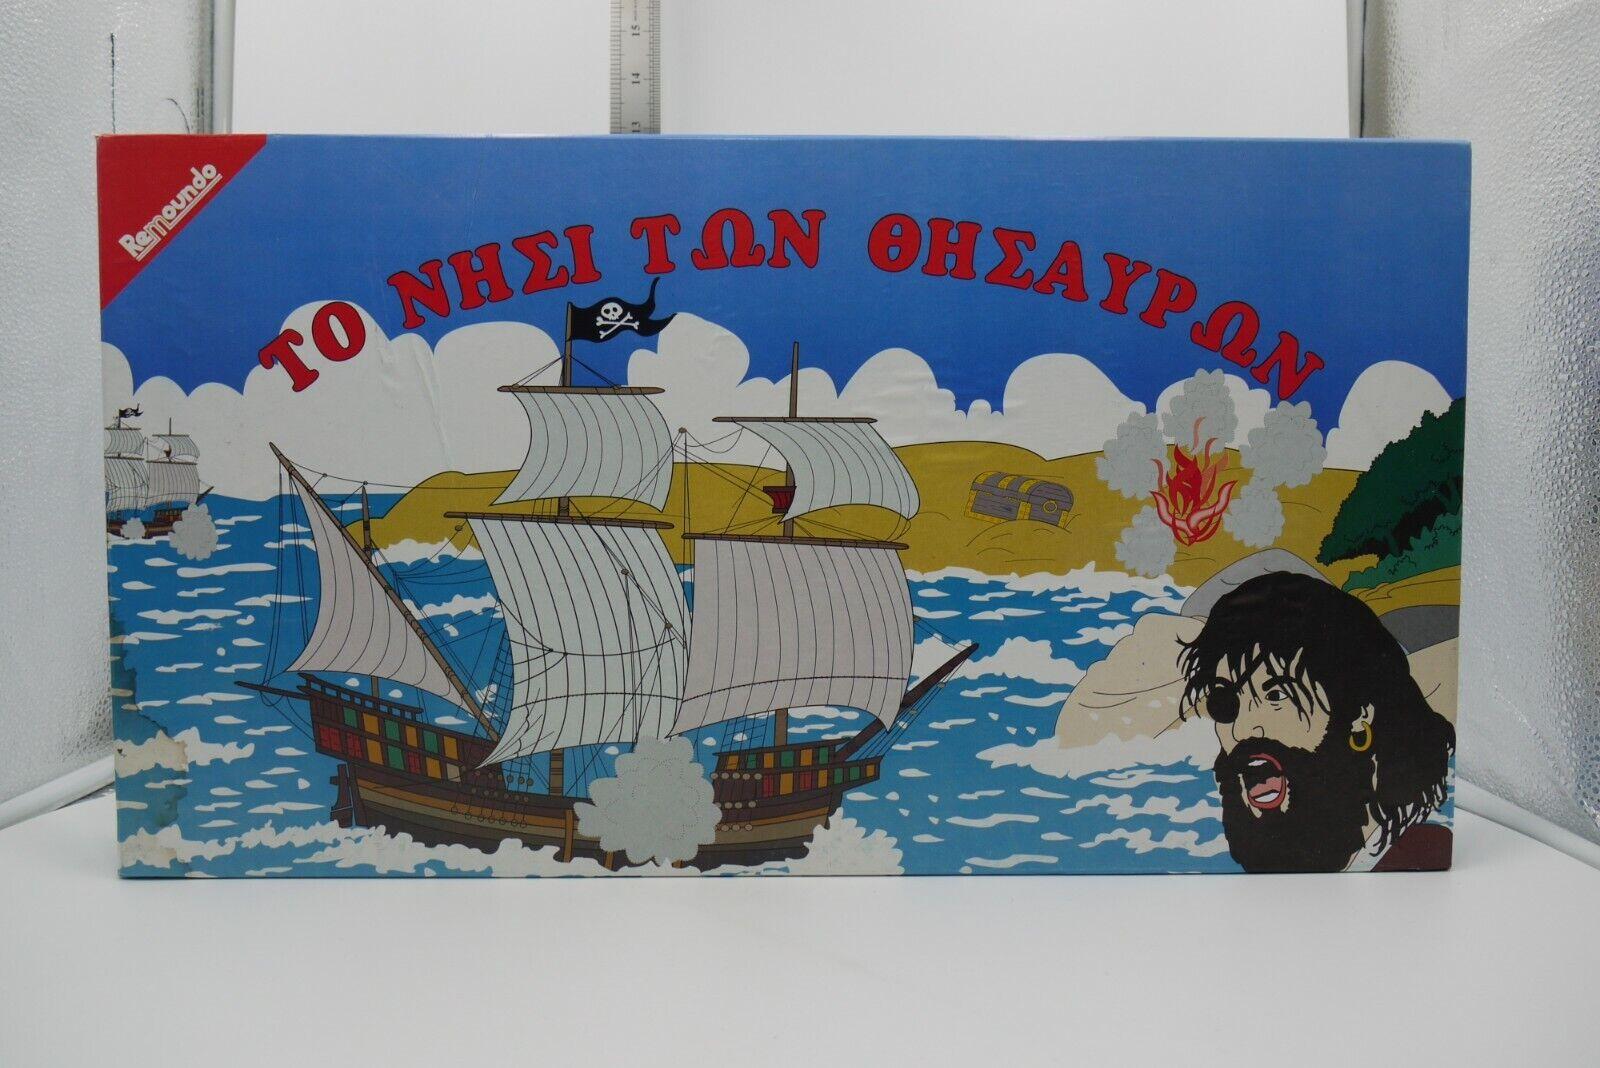 Vintage Années 80 Noir Cannon Treasure Island remoundo grec jeu de plateau complet